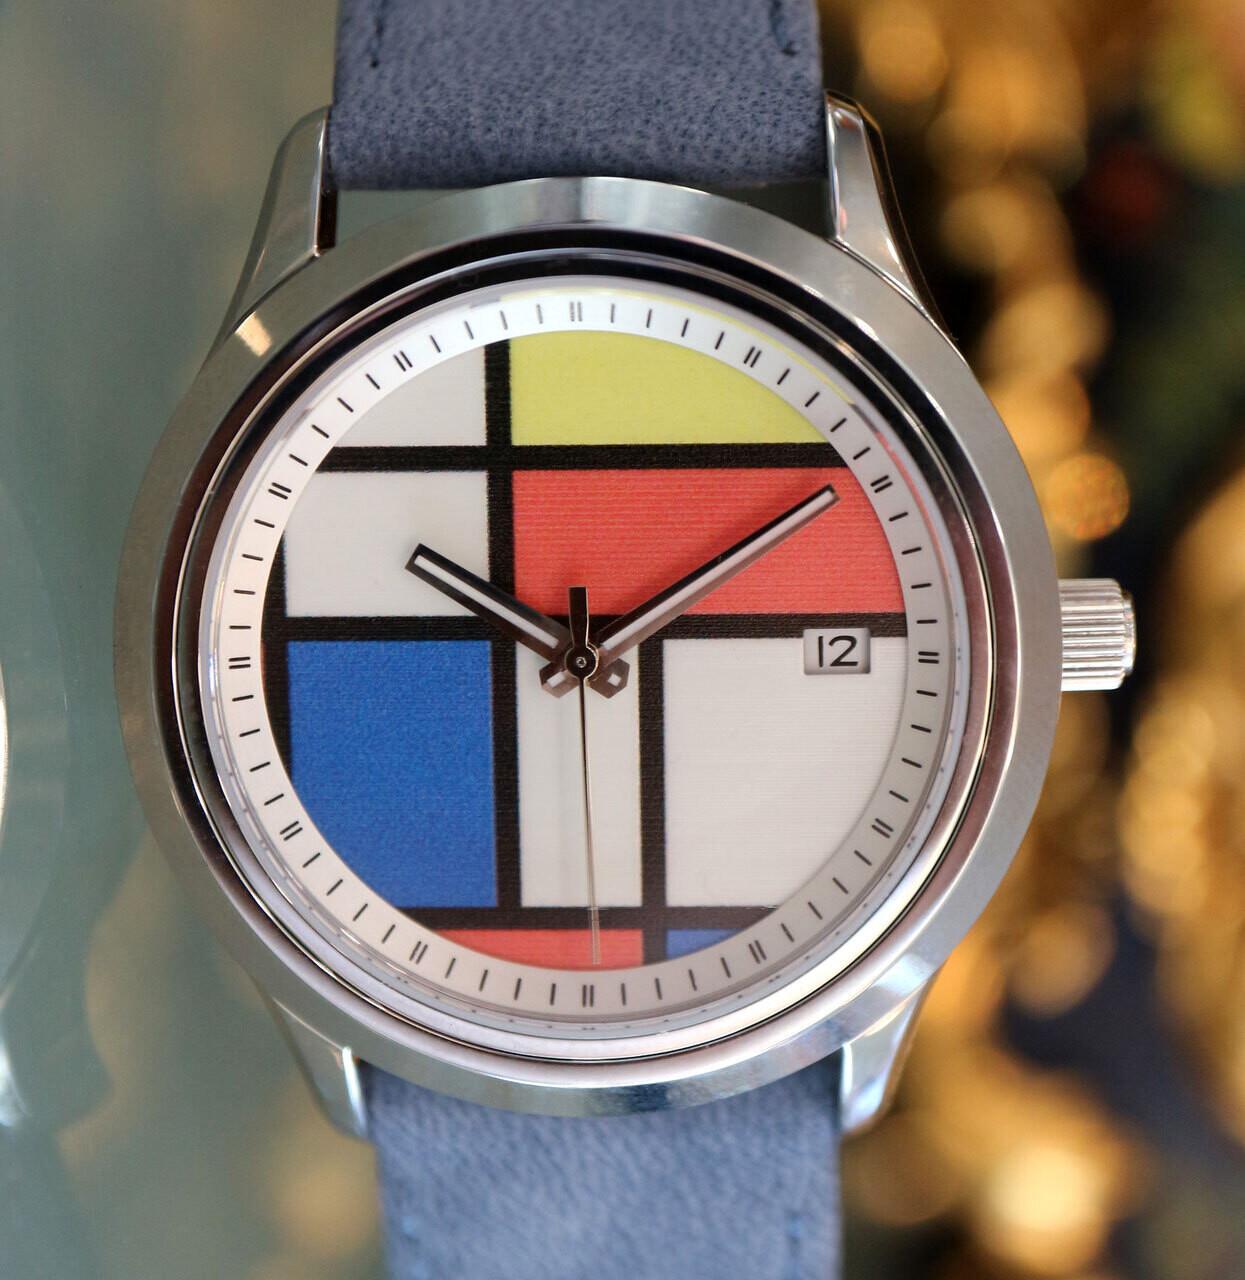 Personalisierte Armbanduhr, Schweizer Automatik-Werk